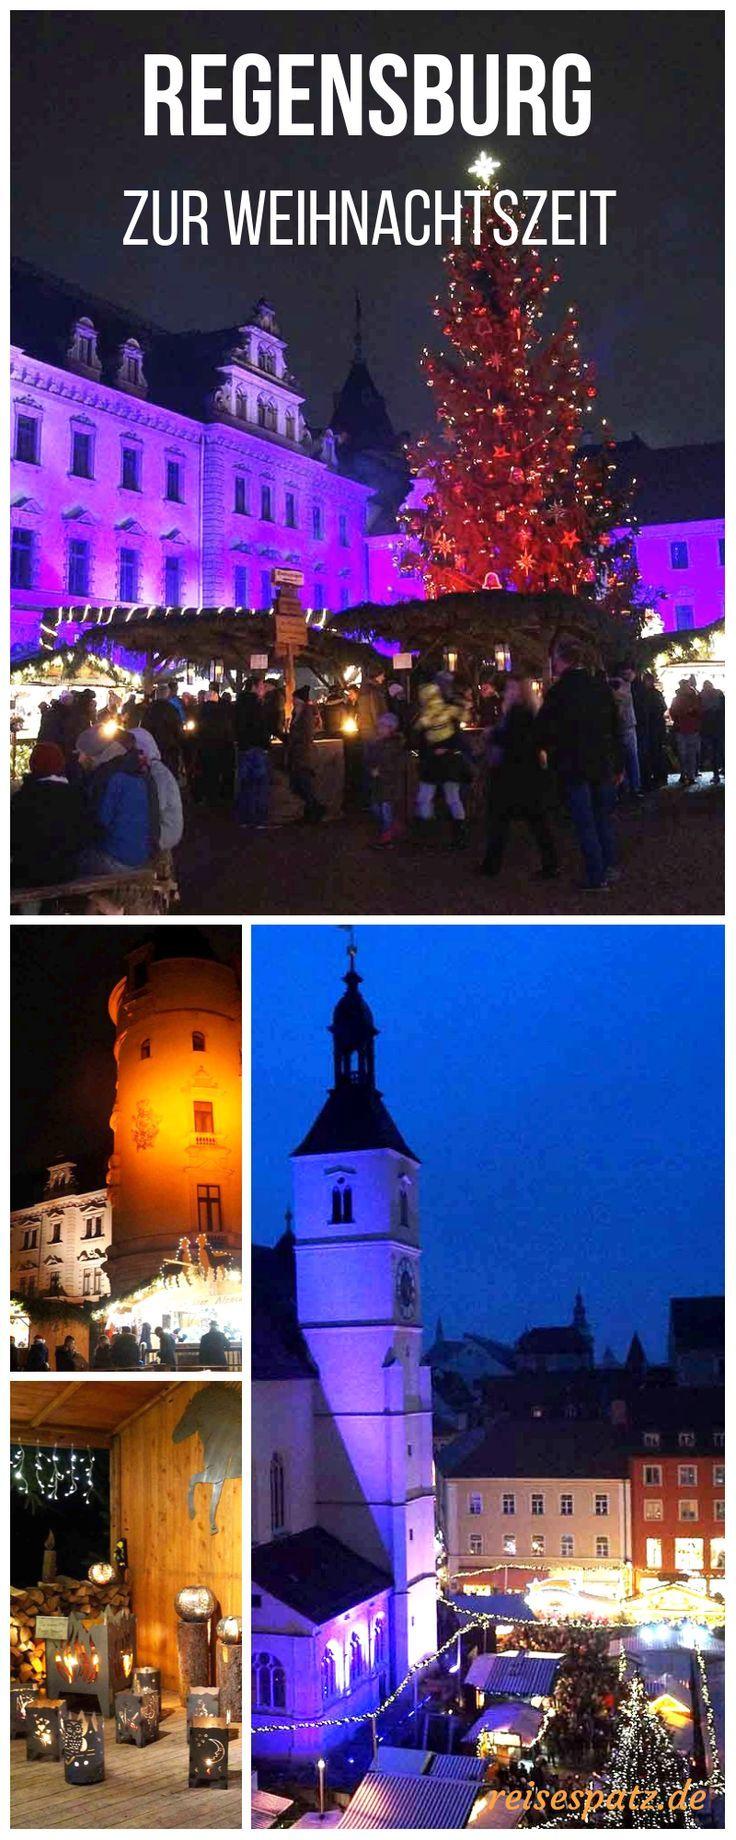 Die Schonsten Weihnachtsmarkte In Regensburg Alle Tipps Regensburg Urlaub Bayern Reisen